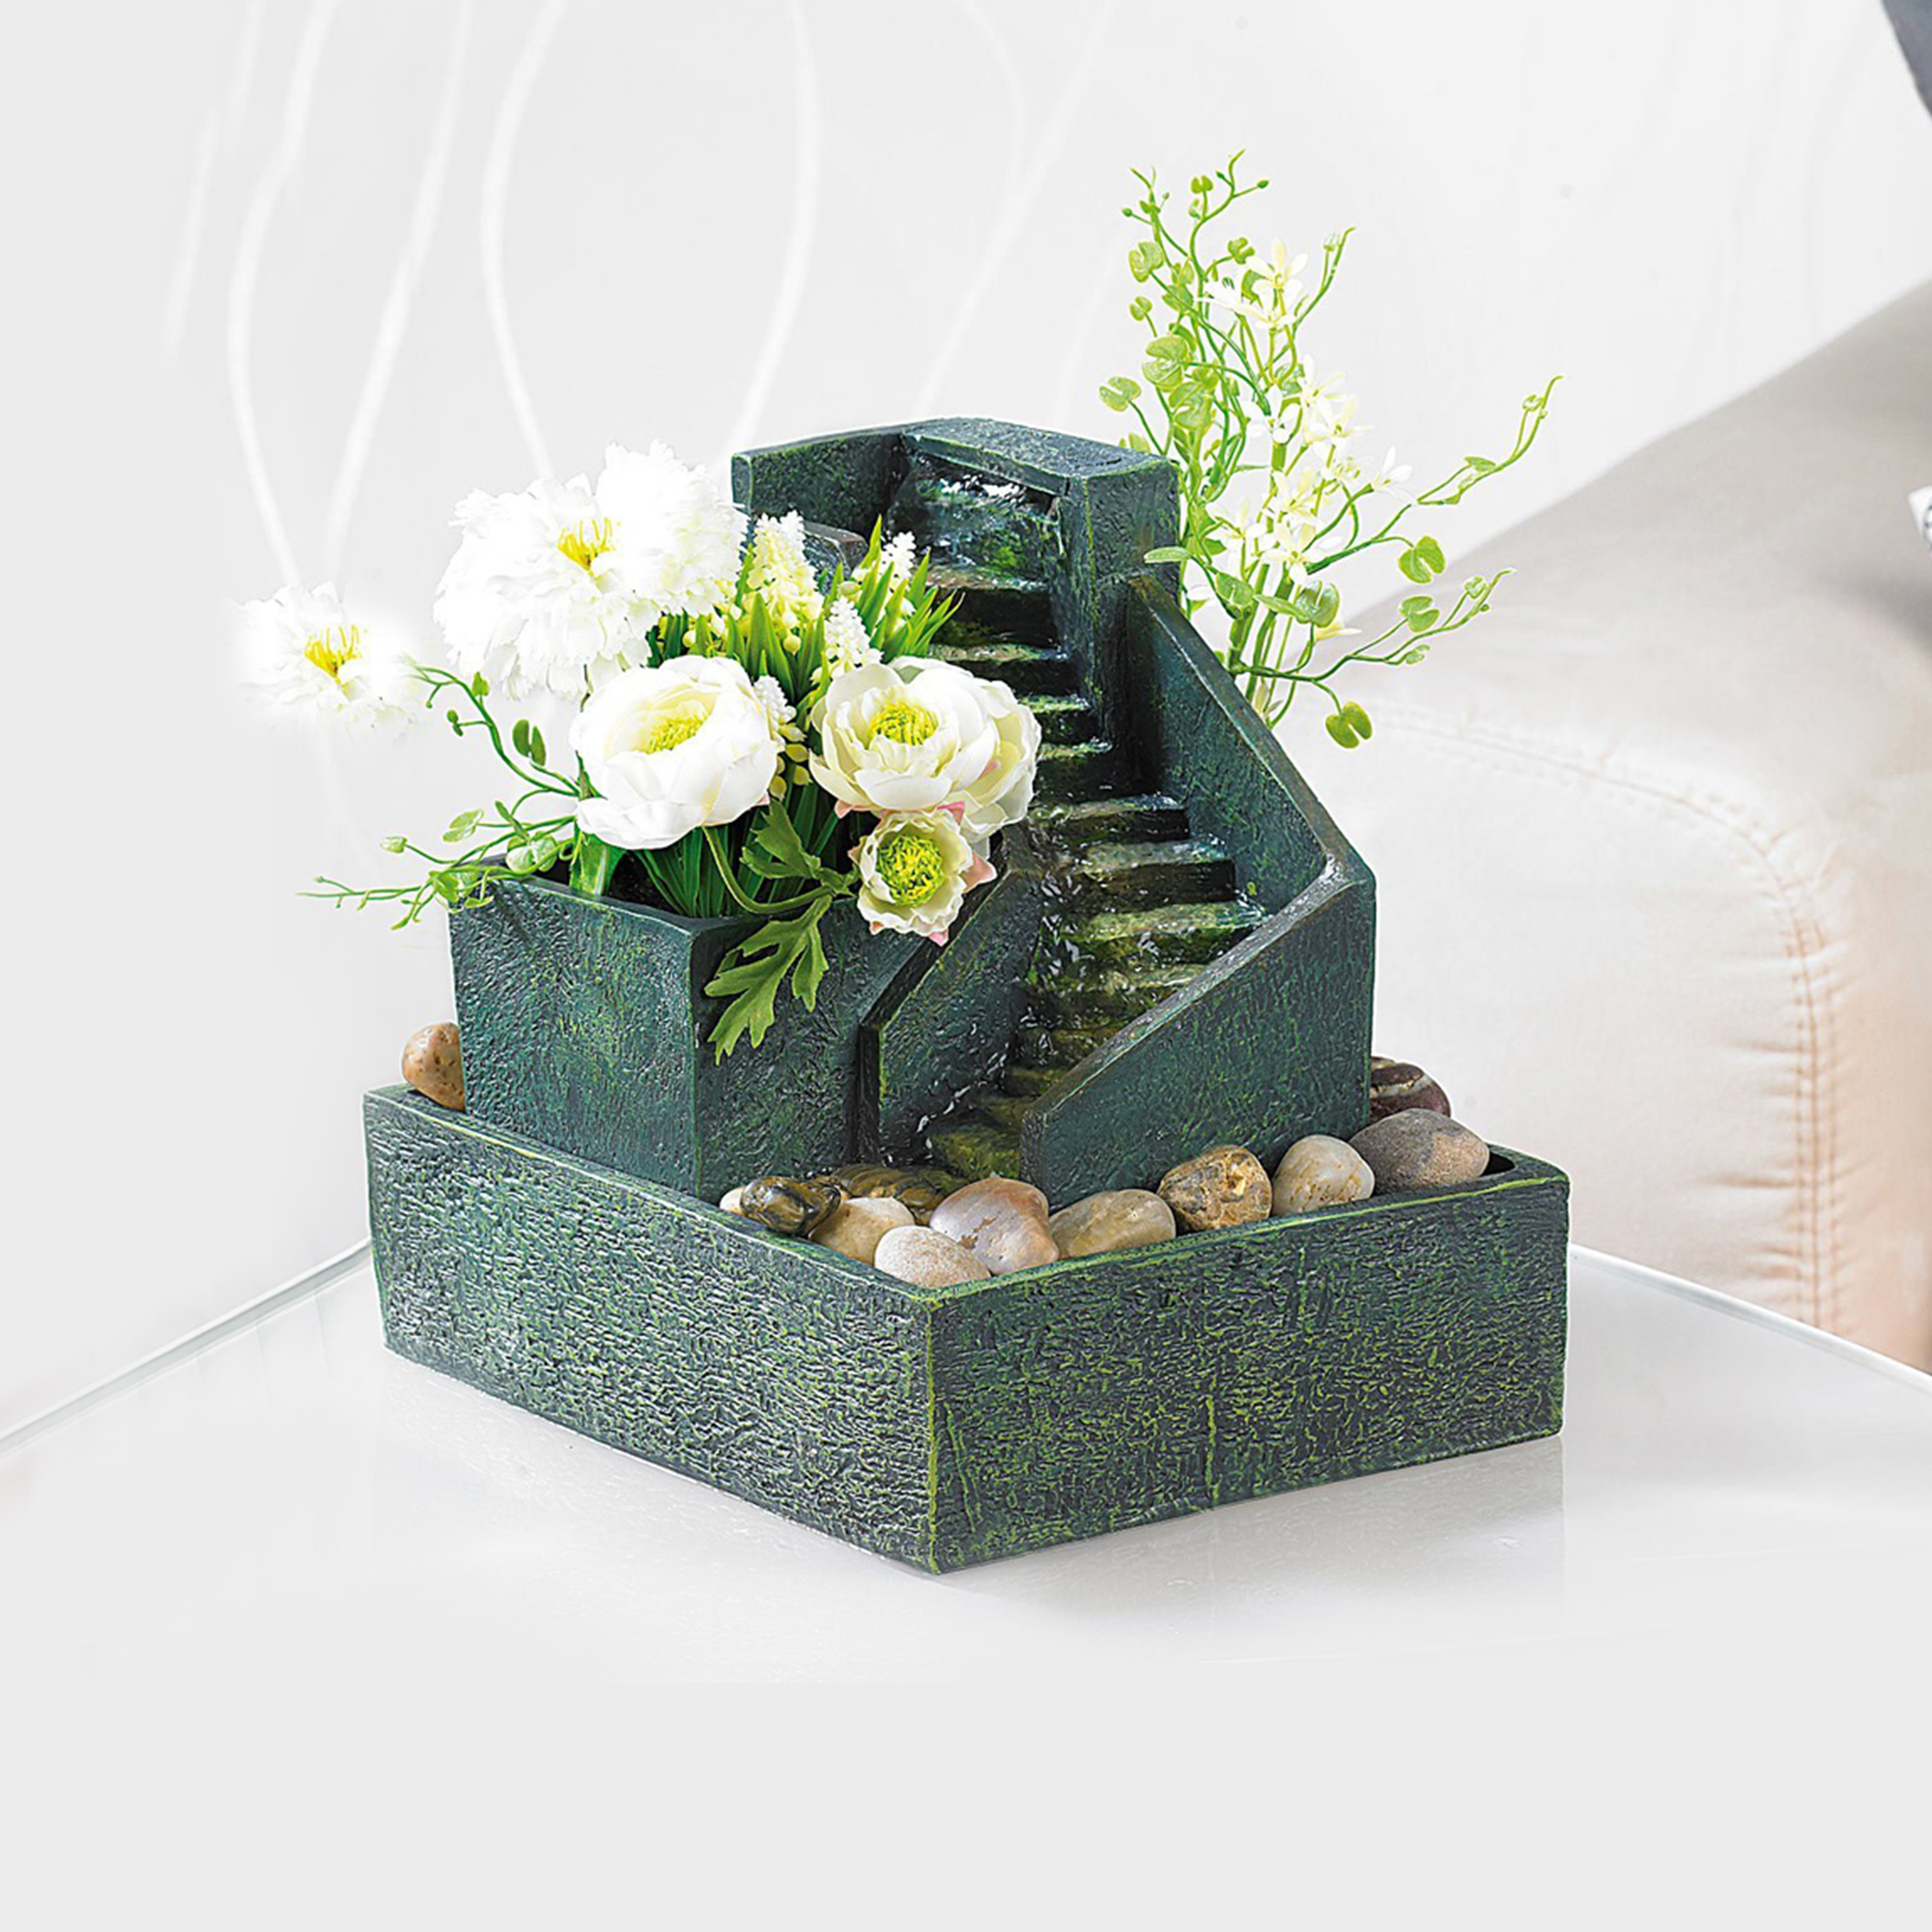 Zimmerbrunnen zum Bepflanzen - mit Steinstufen - 2